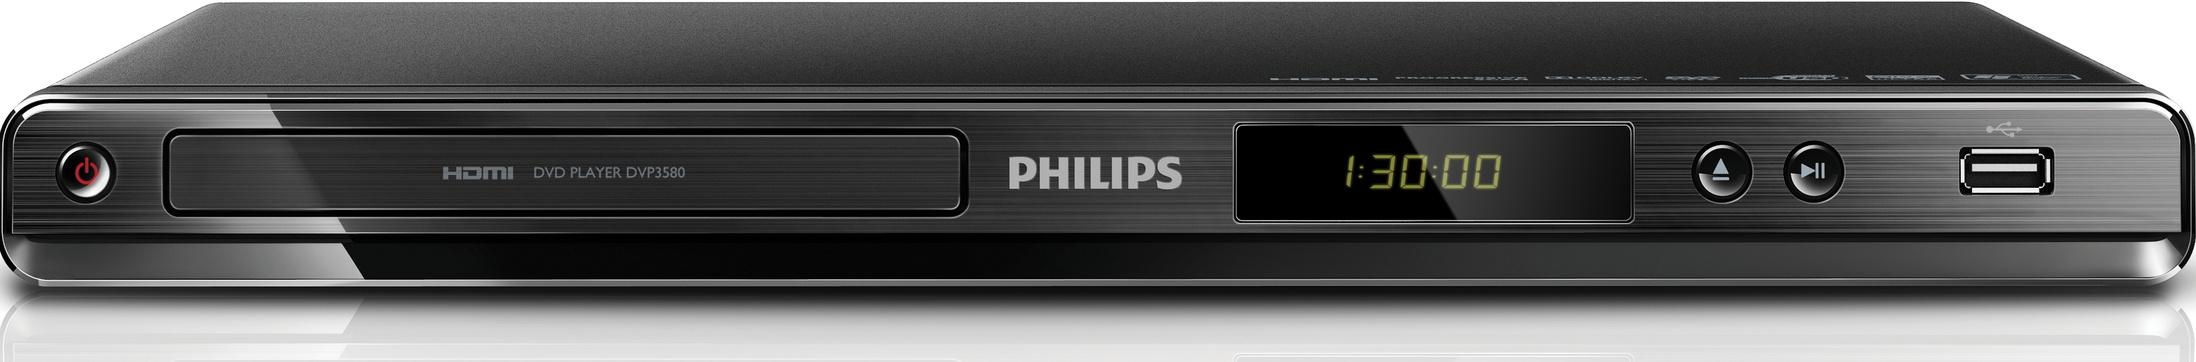 Philips DVP3580/12